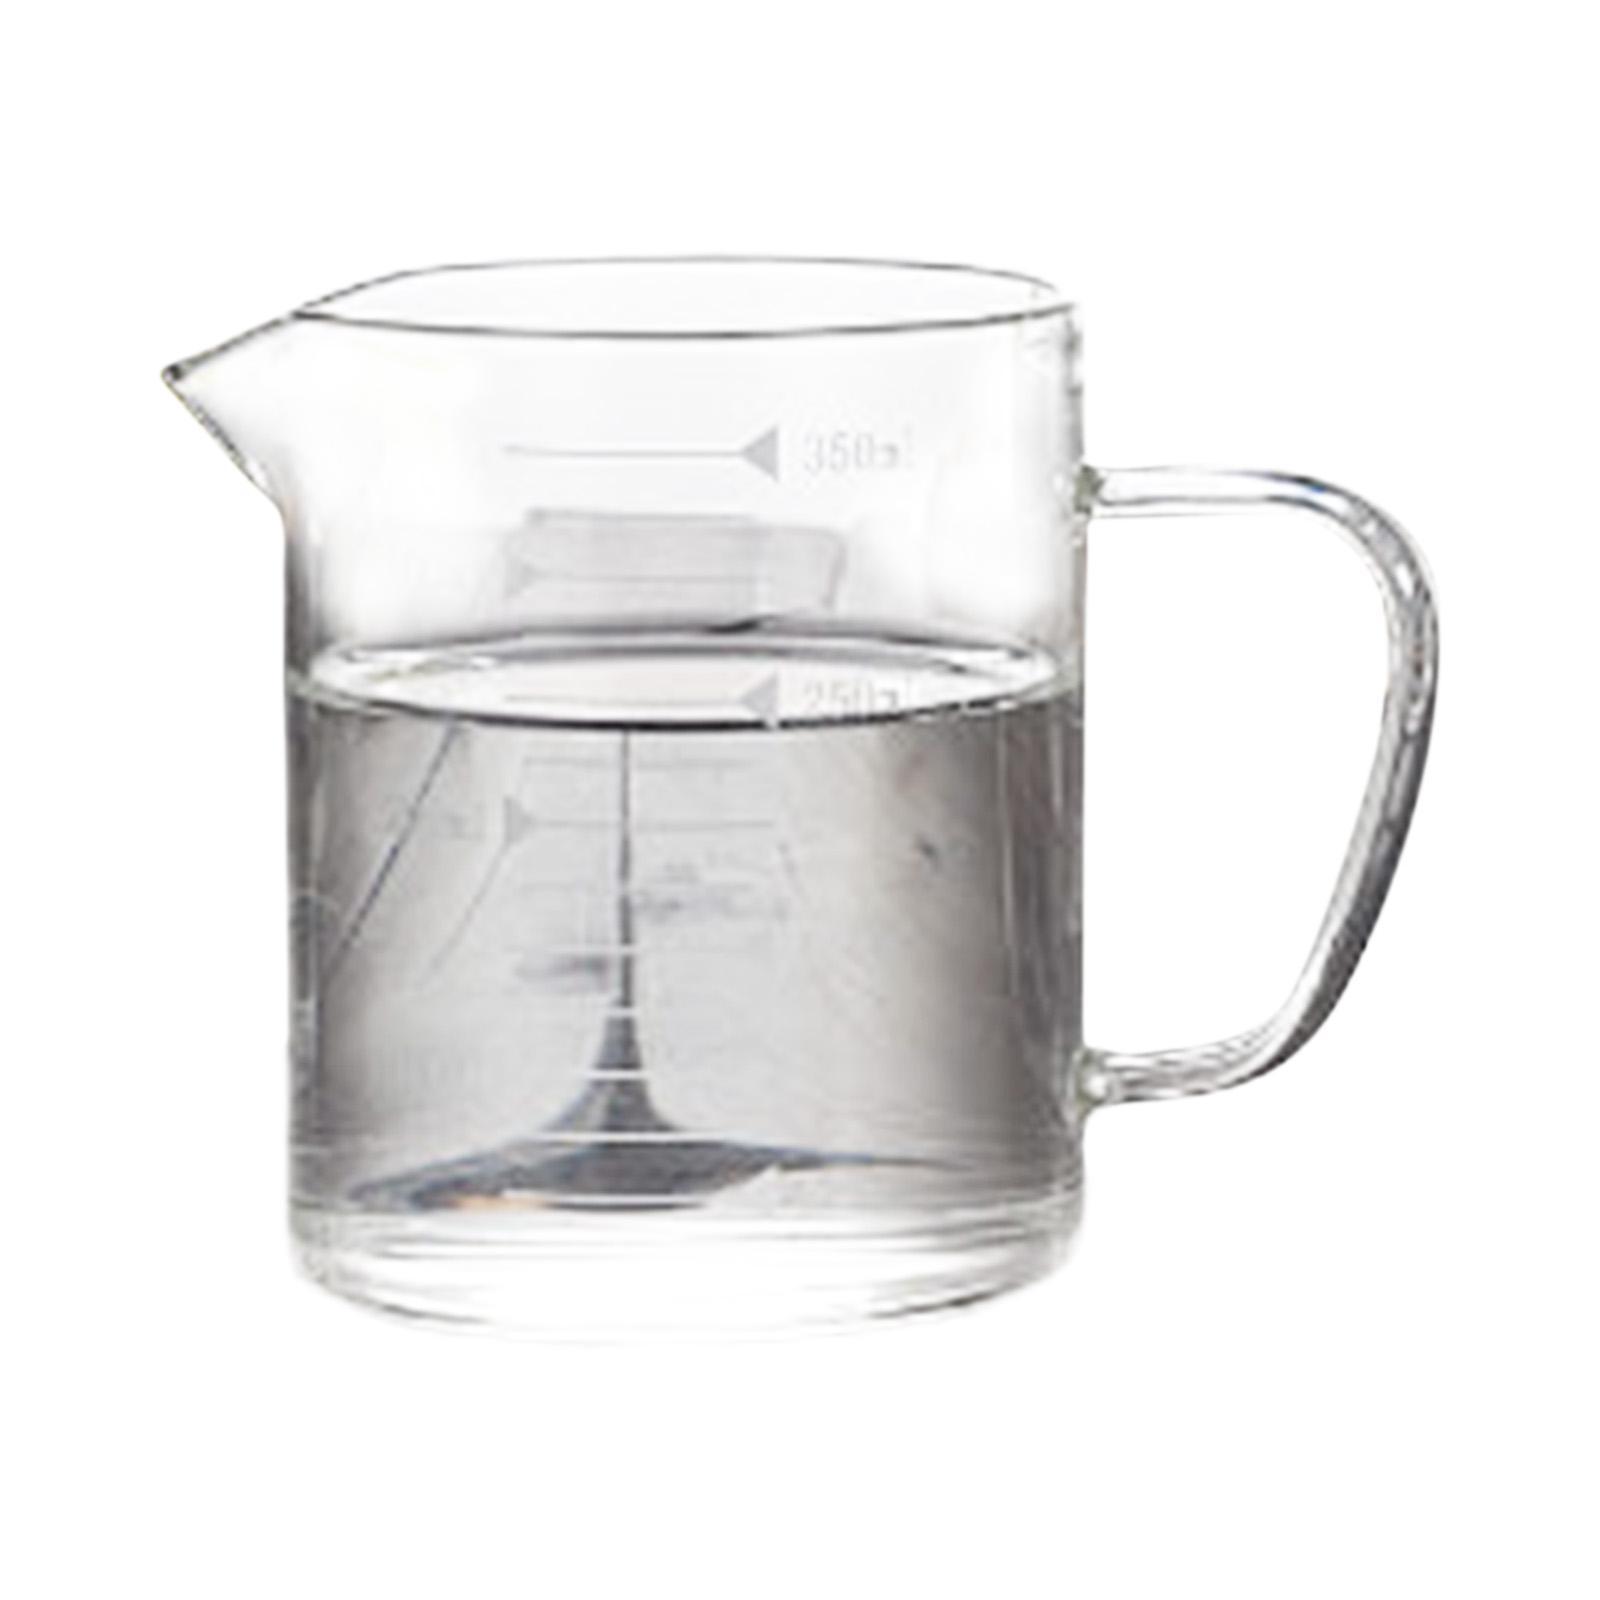 Misurino-in-vetro-borosilicato-con-intervalli-di-250-500ML-Accessori-da-cucina miniatura 17